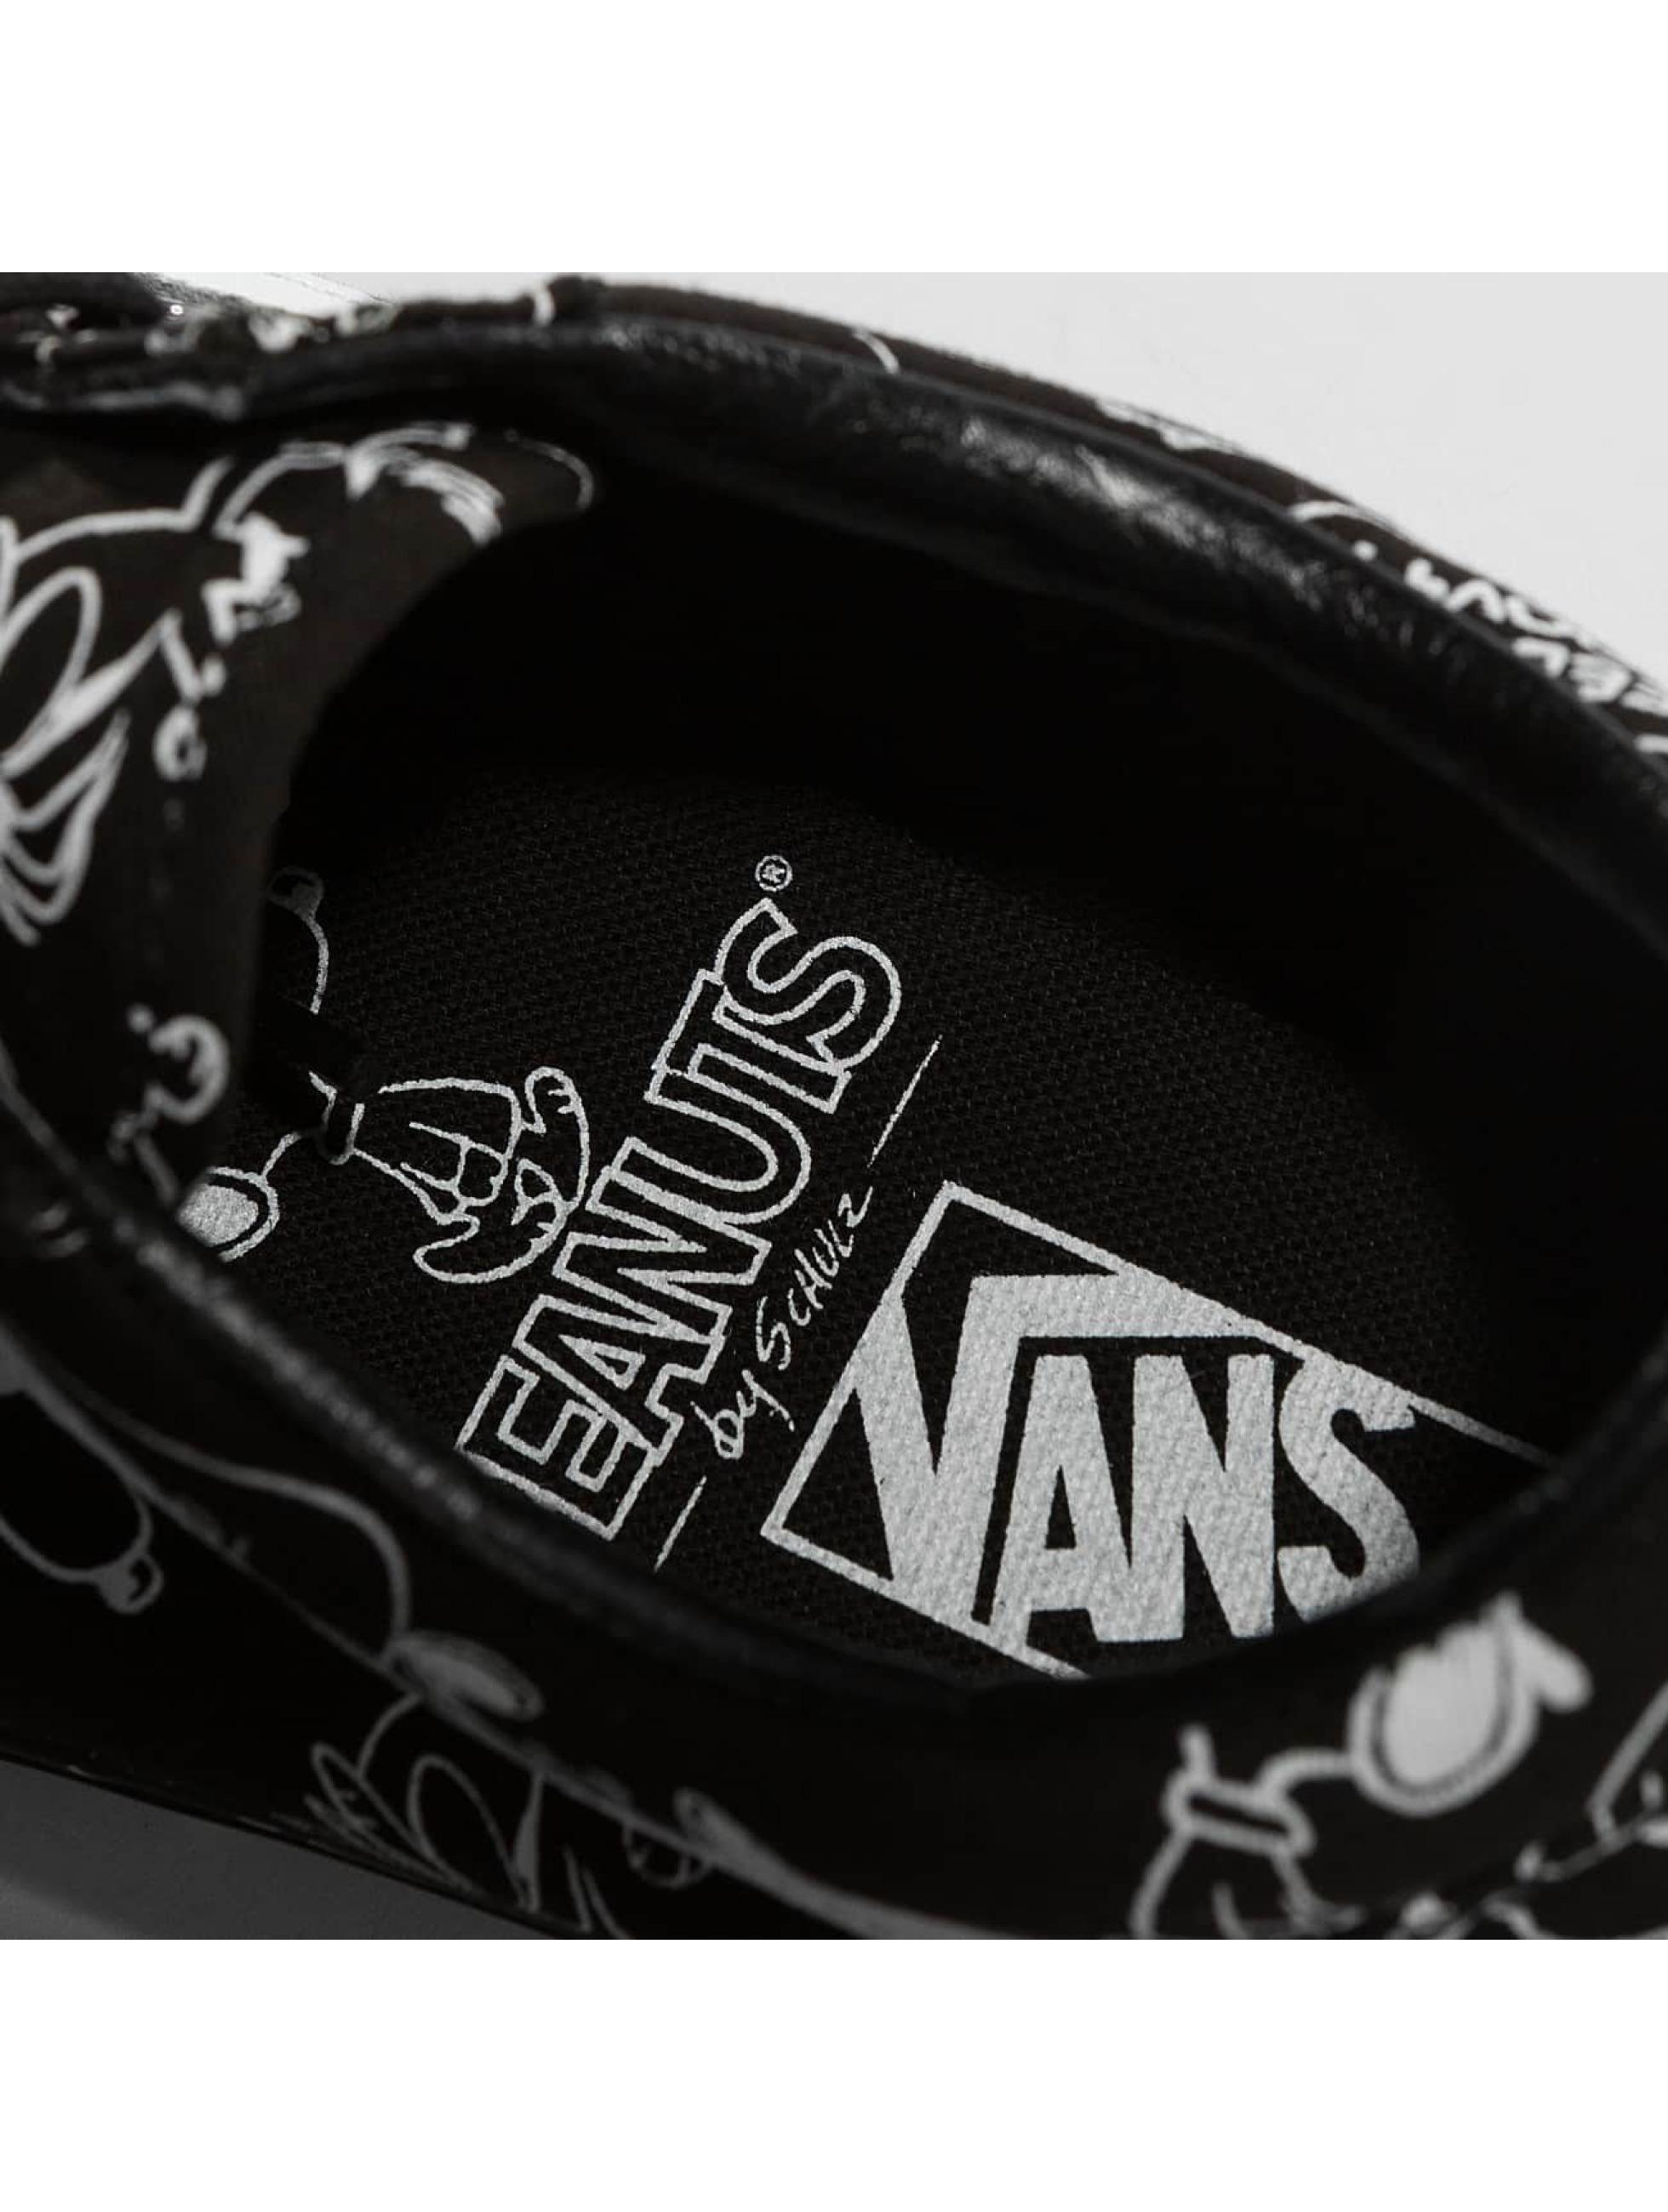 Vans Baskets Peanuts Old School noir